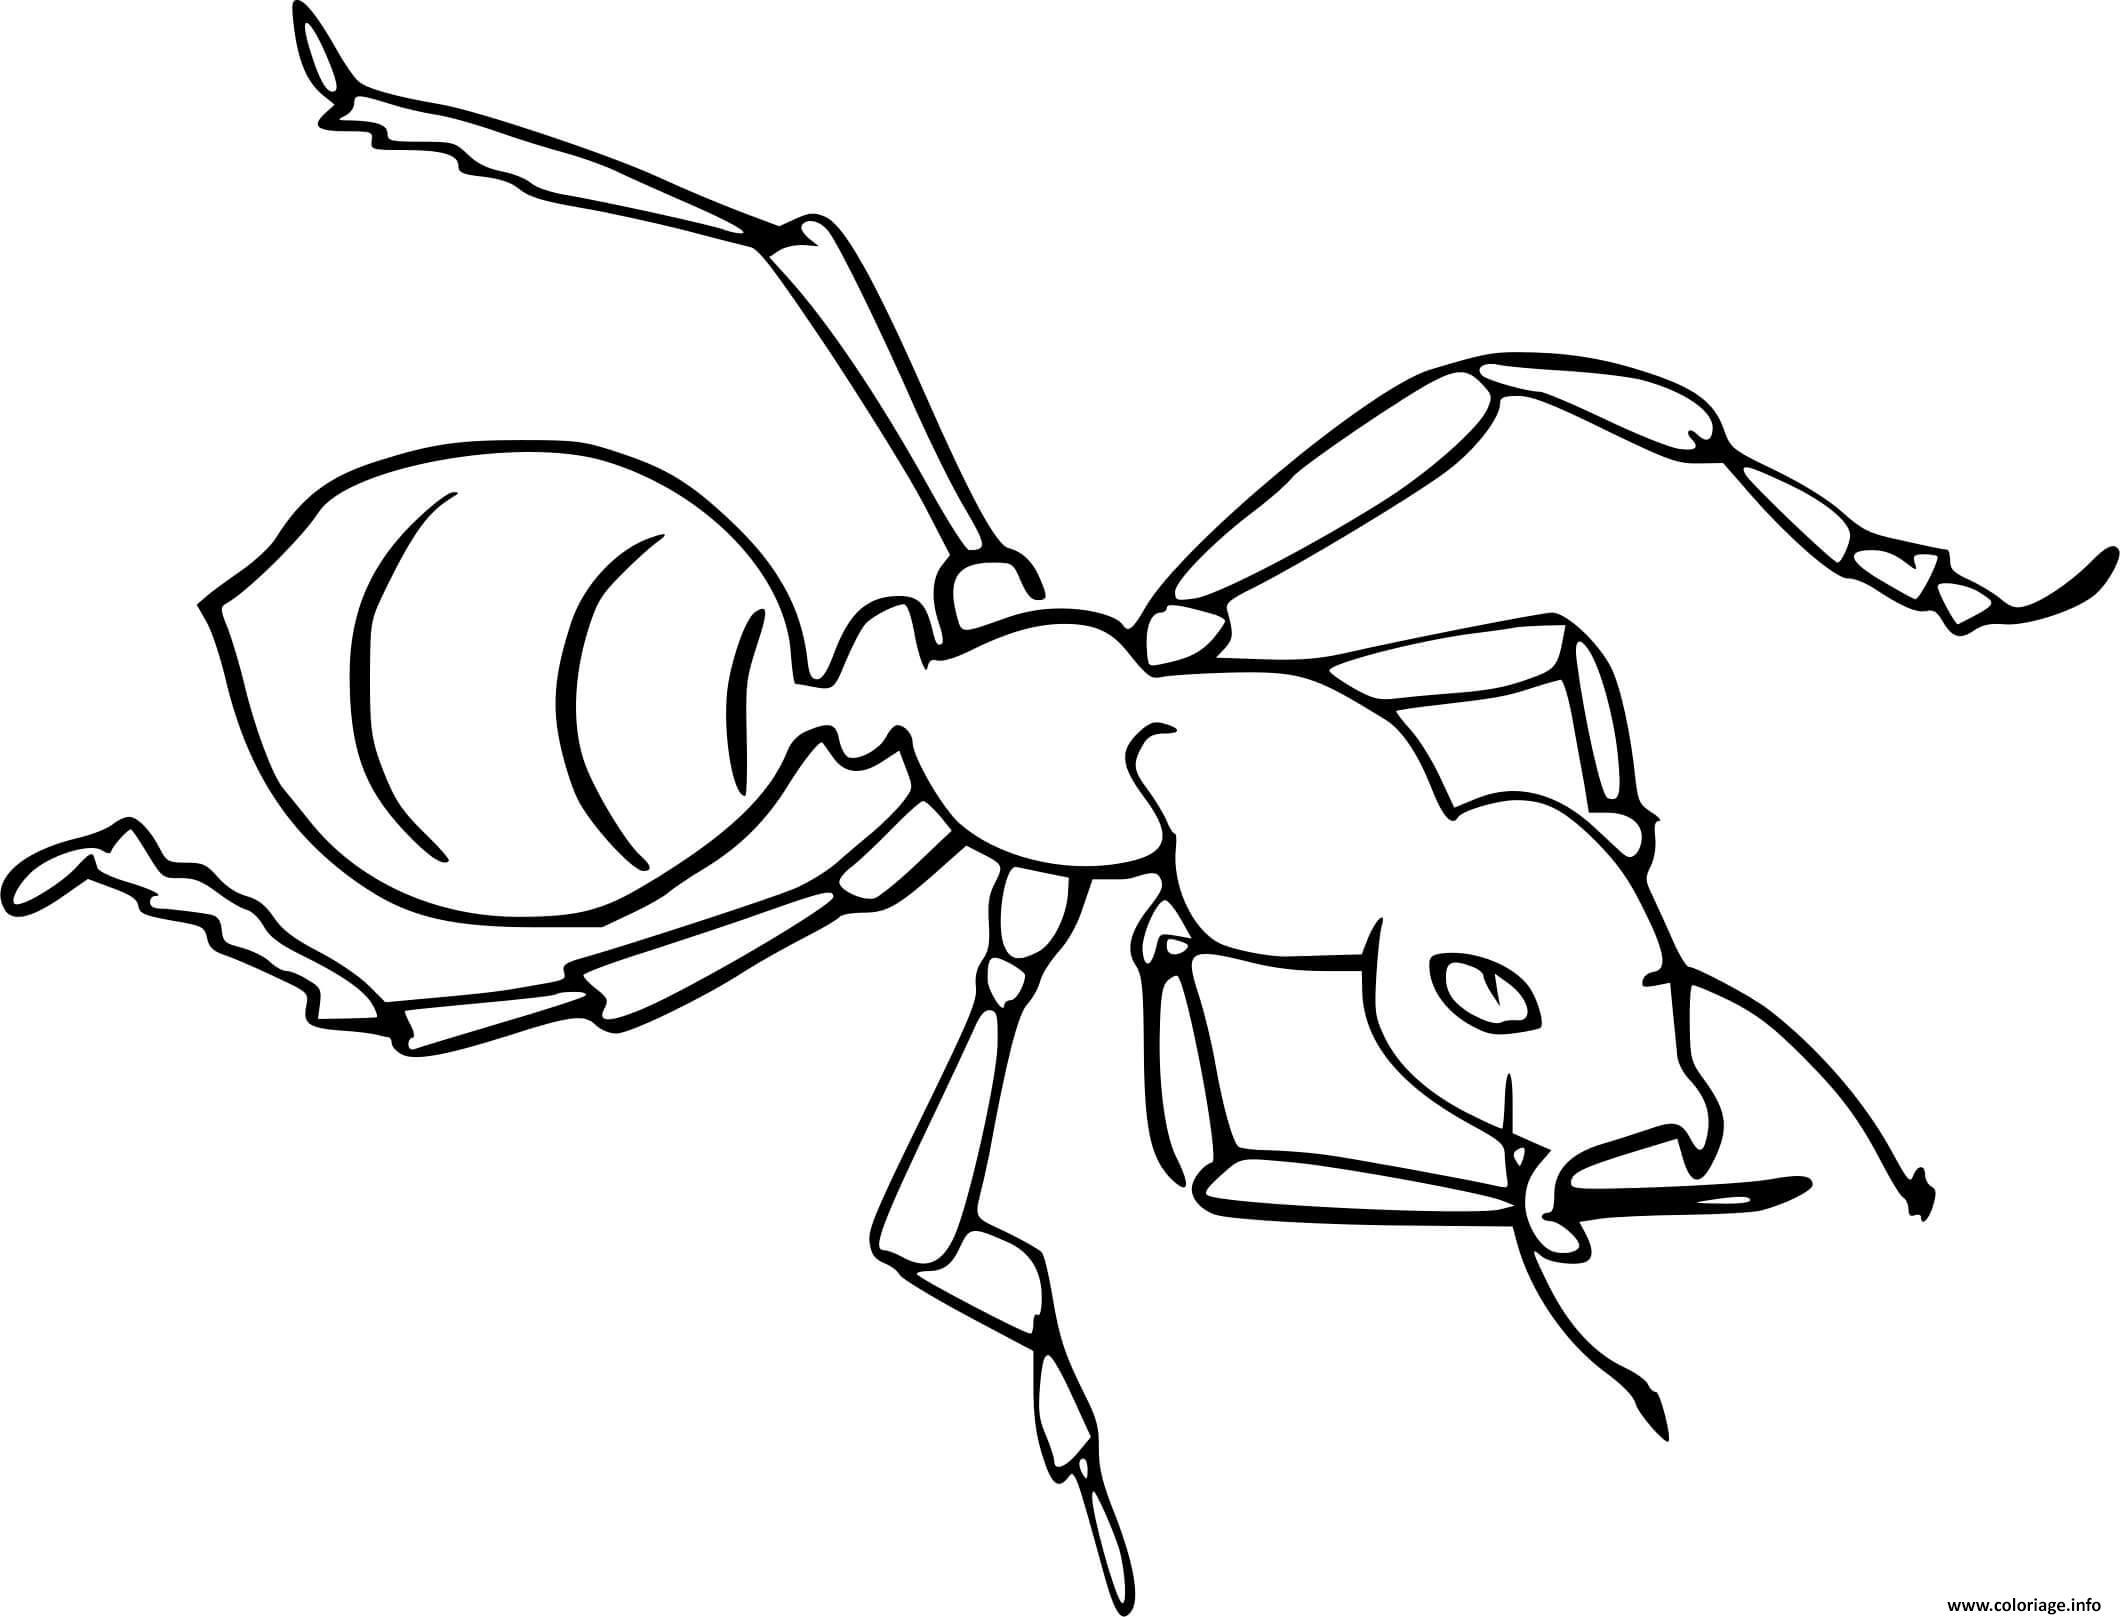 Dessin fourmi vue du haut Coloriage Gratuit à Imprimer